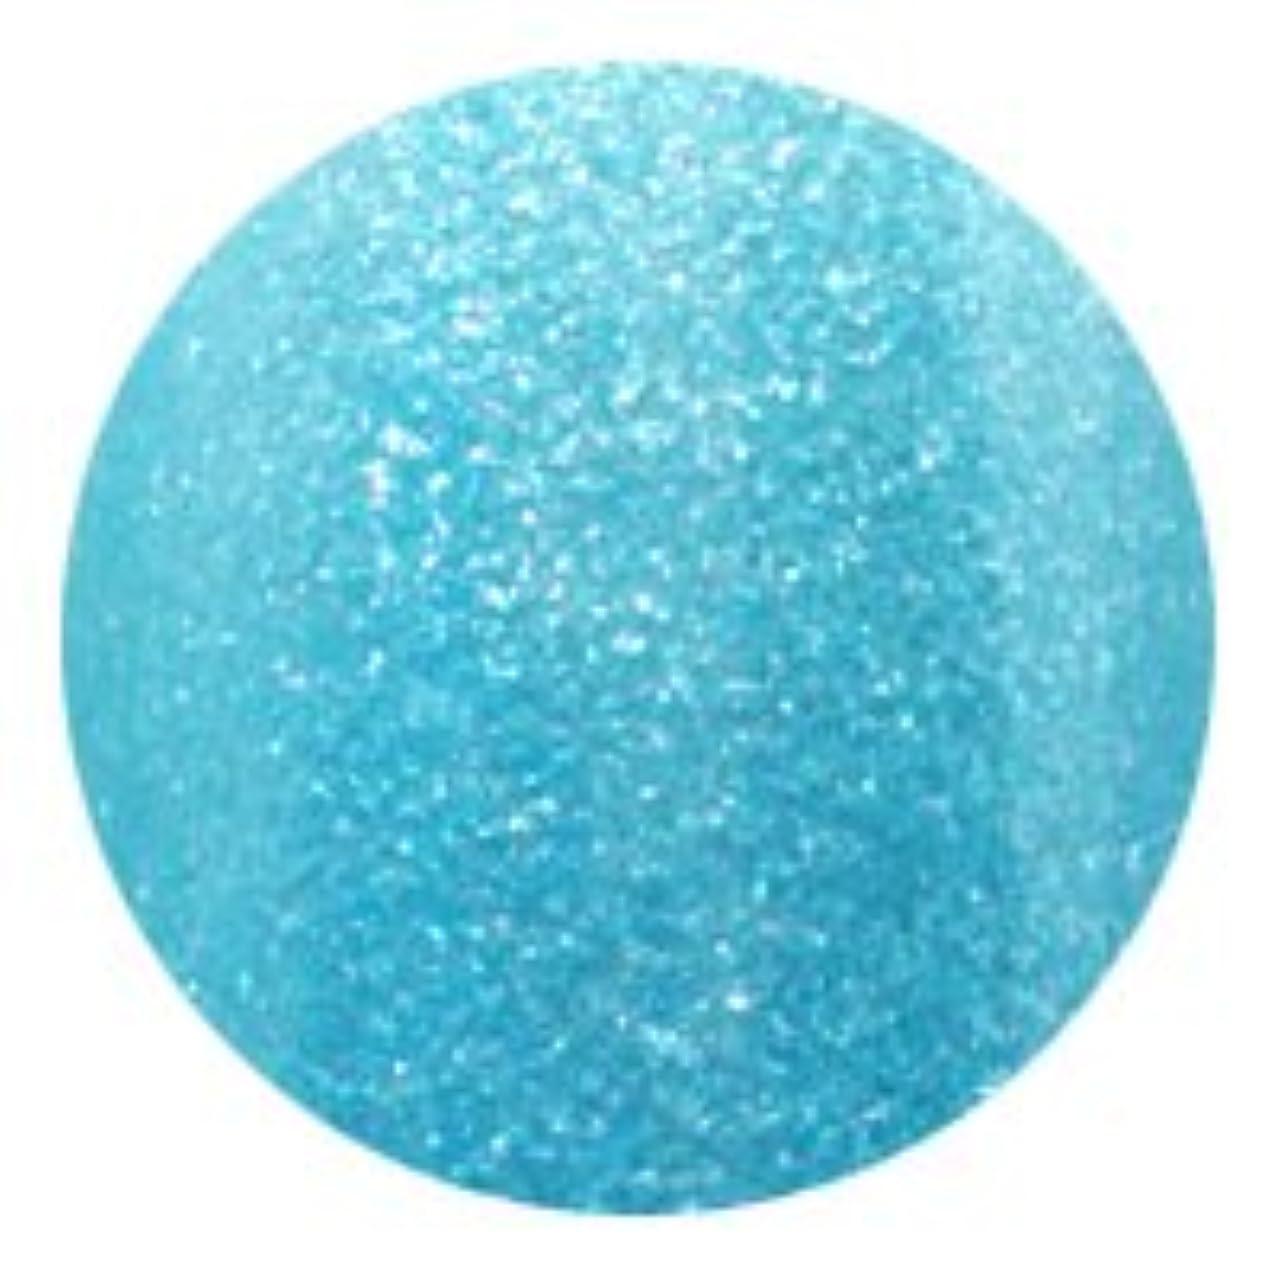 作物アークうねるAKZENTZ(アクセンツ) UV/LED アイスカラーズ 4g<BR>UL 810 アイスブルー